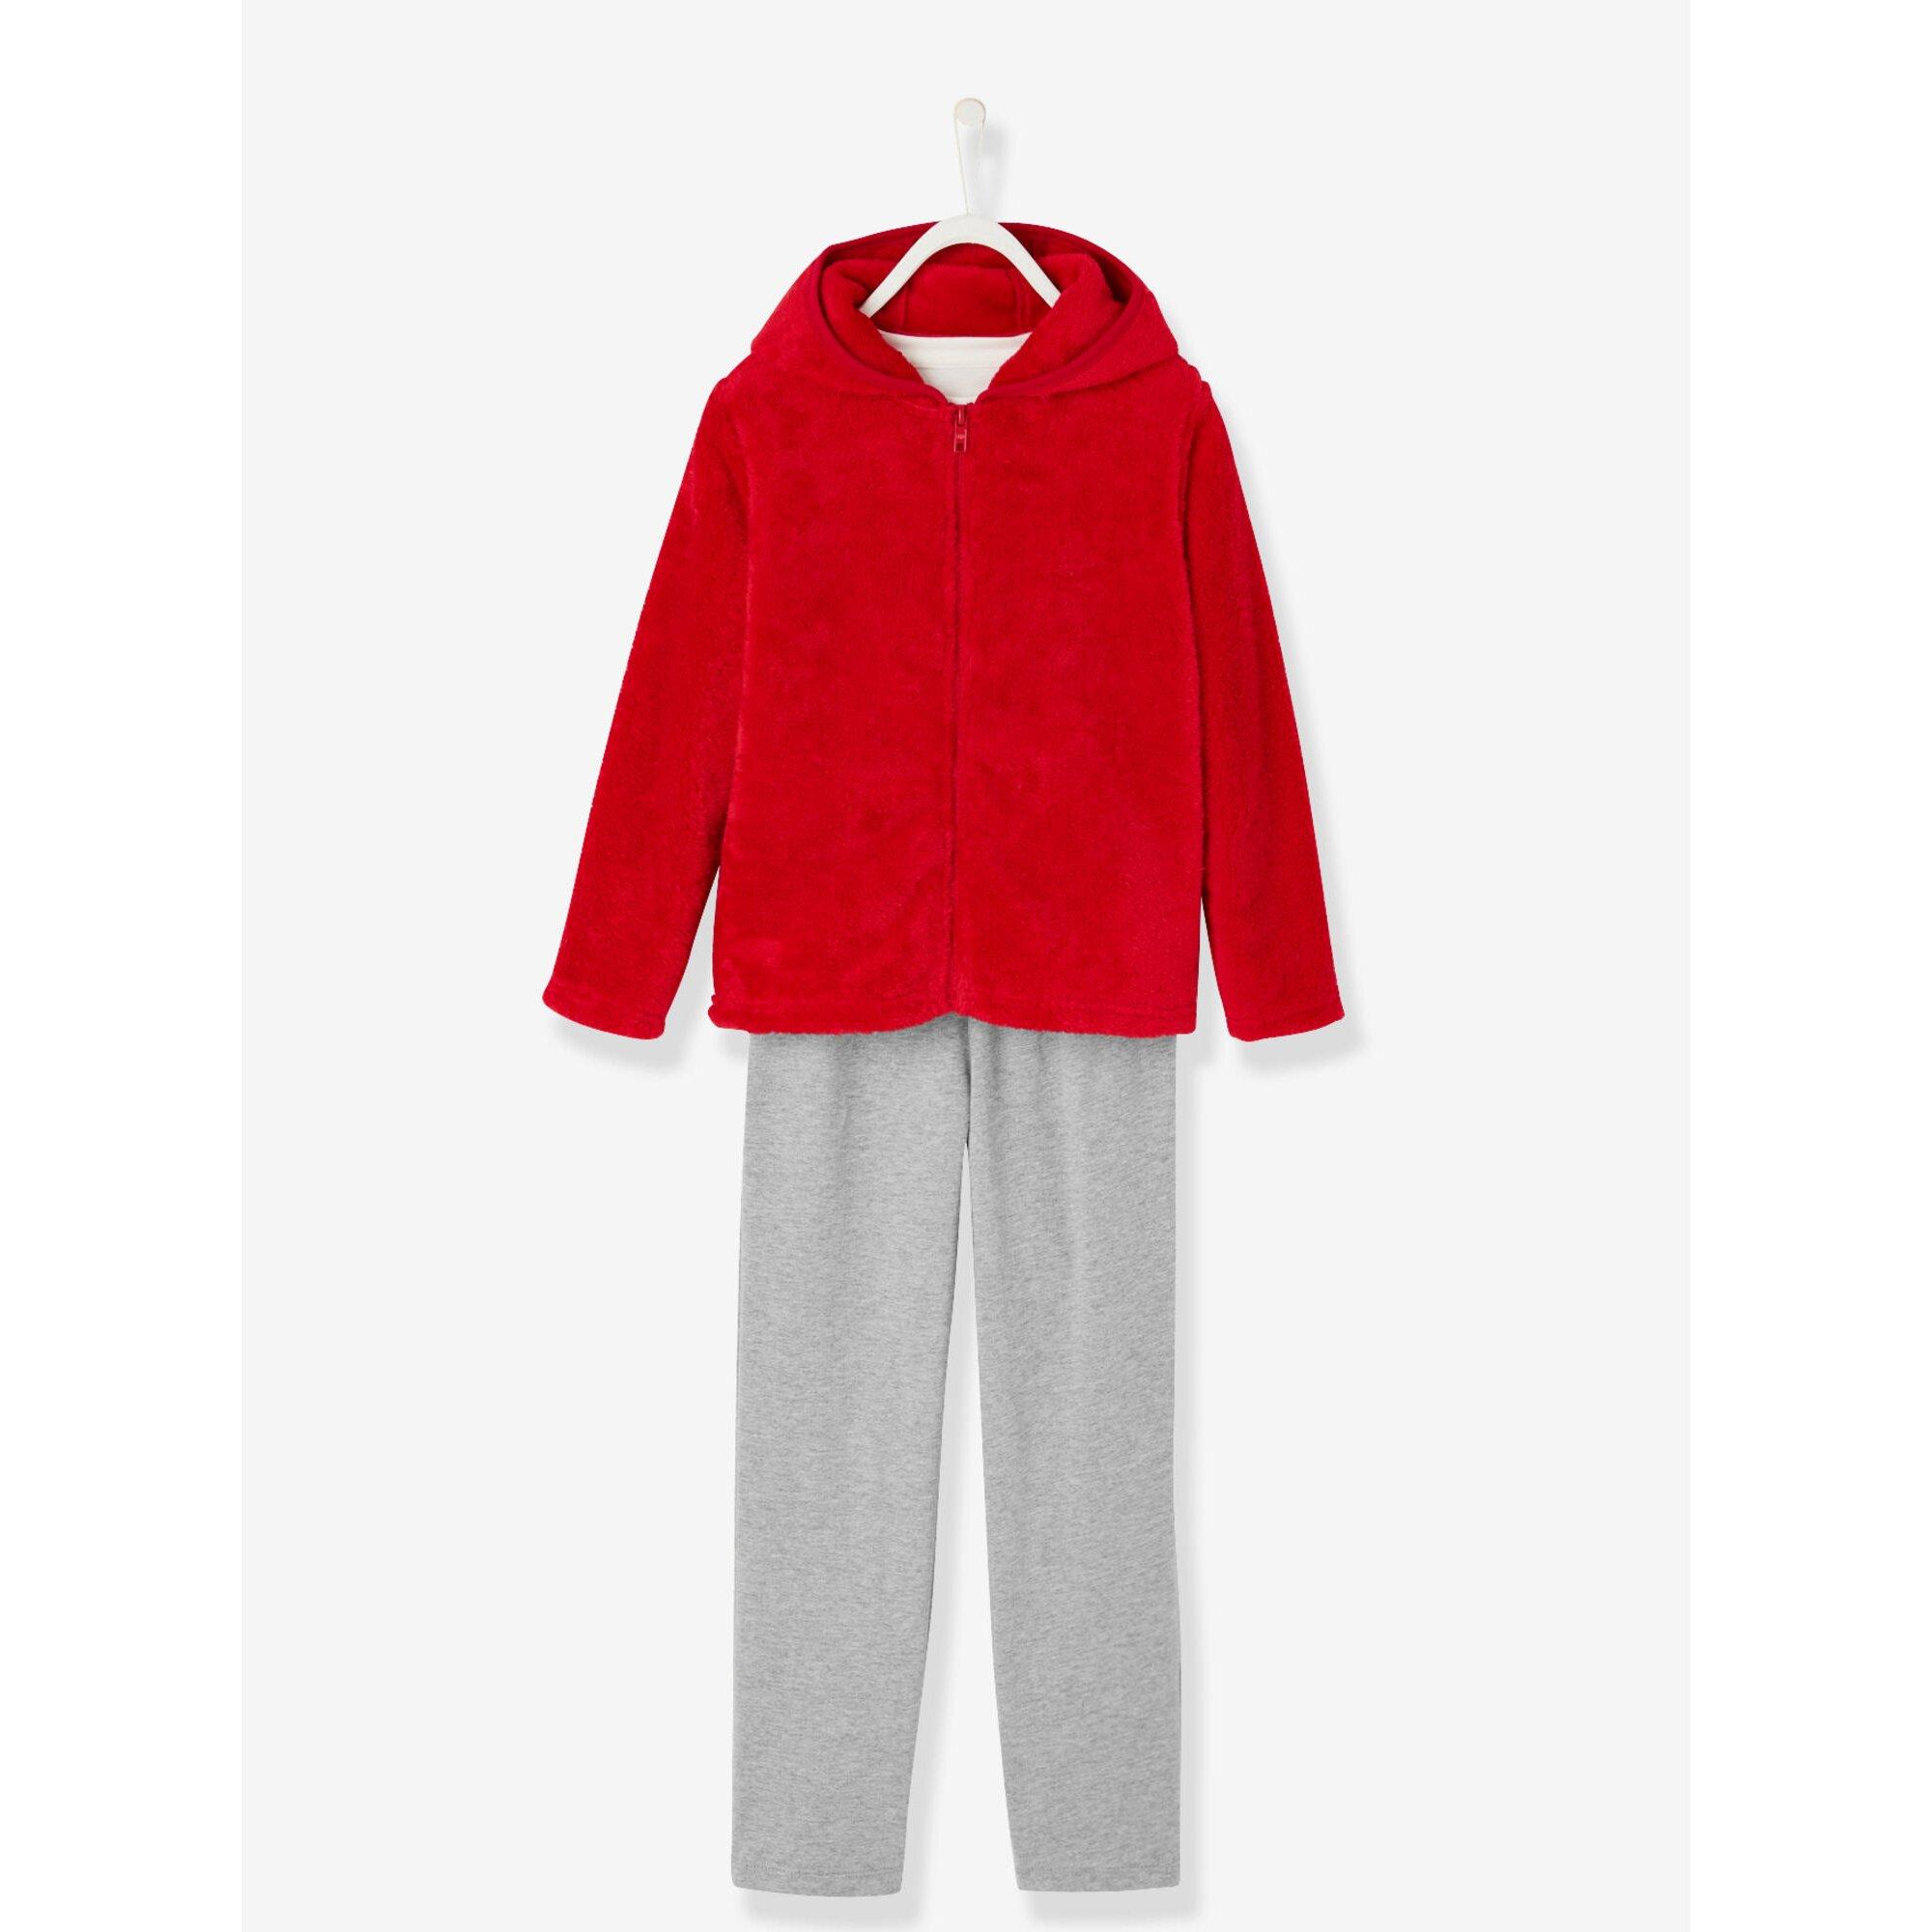 vertbaudet-set-aus-schlafanzug-und-plusch-cardigan, 30.99 EUR @ babywalz-de